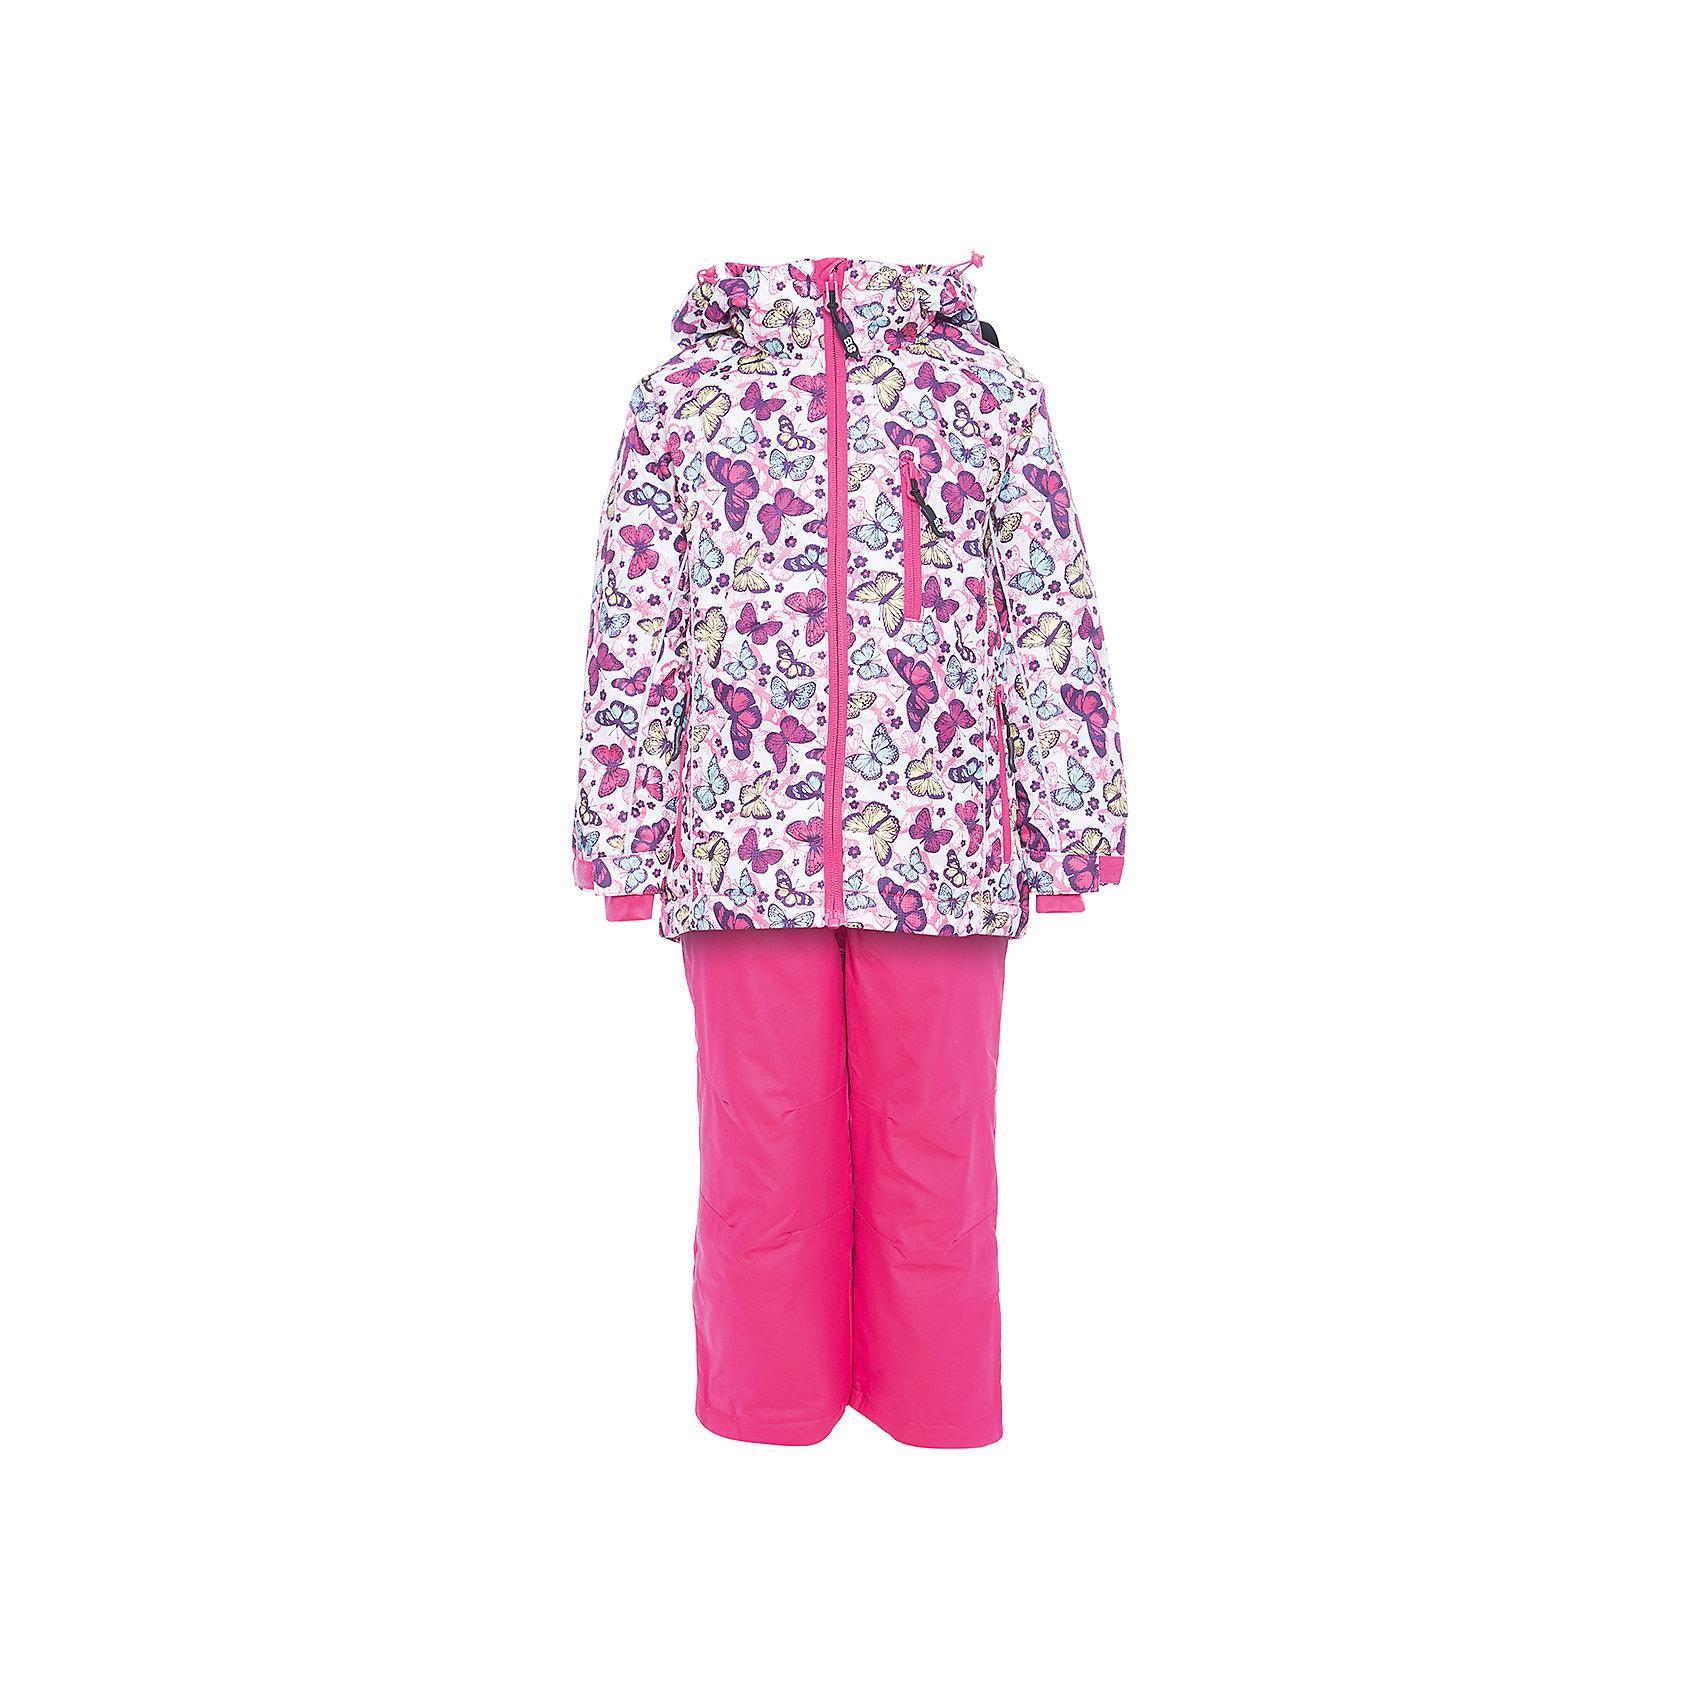 Комплект: куртка и брюки Sweet Berry для девочкиВерхняя одежда<br>Комплект: куртка и брюки Sweet Berry для девочки<br>Комфортный и теплый костюм  для девочки из мембранной ткани. В конструкции учтены физиологические особенности малыша. Съемный капюшон на молнии с дополнительной утяжкой, спереди установлены две кнопки.  Рукава с манжетами, регулируются липучкой.  Два кармана, застегивающиеся на молнию. Застежка-молния с внешней ветрозащитной планкой.  Брюки на регулируемых эластичных лямках. По бокам брюк расположены карманы на молниях. Штанины внизу затягиваются липучками. Ткань верха: мембрана 3000мм/3000г/м2/24h, waterproof, водонепроницаемая с грязеотталкивающей пропиткой.<br>Пoдкладка: мягкая трикотажная ткань с ворсом.<br>Утеплитель: Синтепух 80 г/м? (куртка),<br>60 г/м? (рукава, п/комбинезон). Температурный режим: от -0 до +10 С<br>Состав:<br>Верх: куртка: 100%полиэстер, брюки: 100%нейлон.  Подкладка: 100%полиэстер. Наполнитель: 100%полиэстер<br><br>Ширина мм: 356<br>Глубина мм: 10<br>Высота мм: 245<br>Вес г: 519<br>Цвет: розовый<br>Возраст от месяцев: 24<br>Возраст до месяцев: 36<br>Пол: Женский<br>Возраст: Детский<br>Размер: 98,140,134,128,122,116,110,104<br>SKU: 7095322